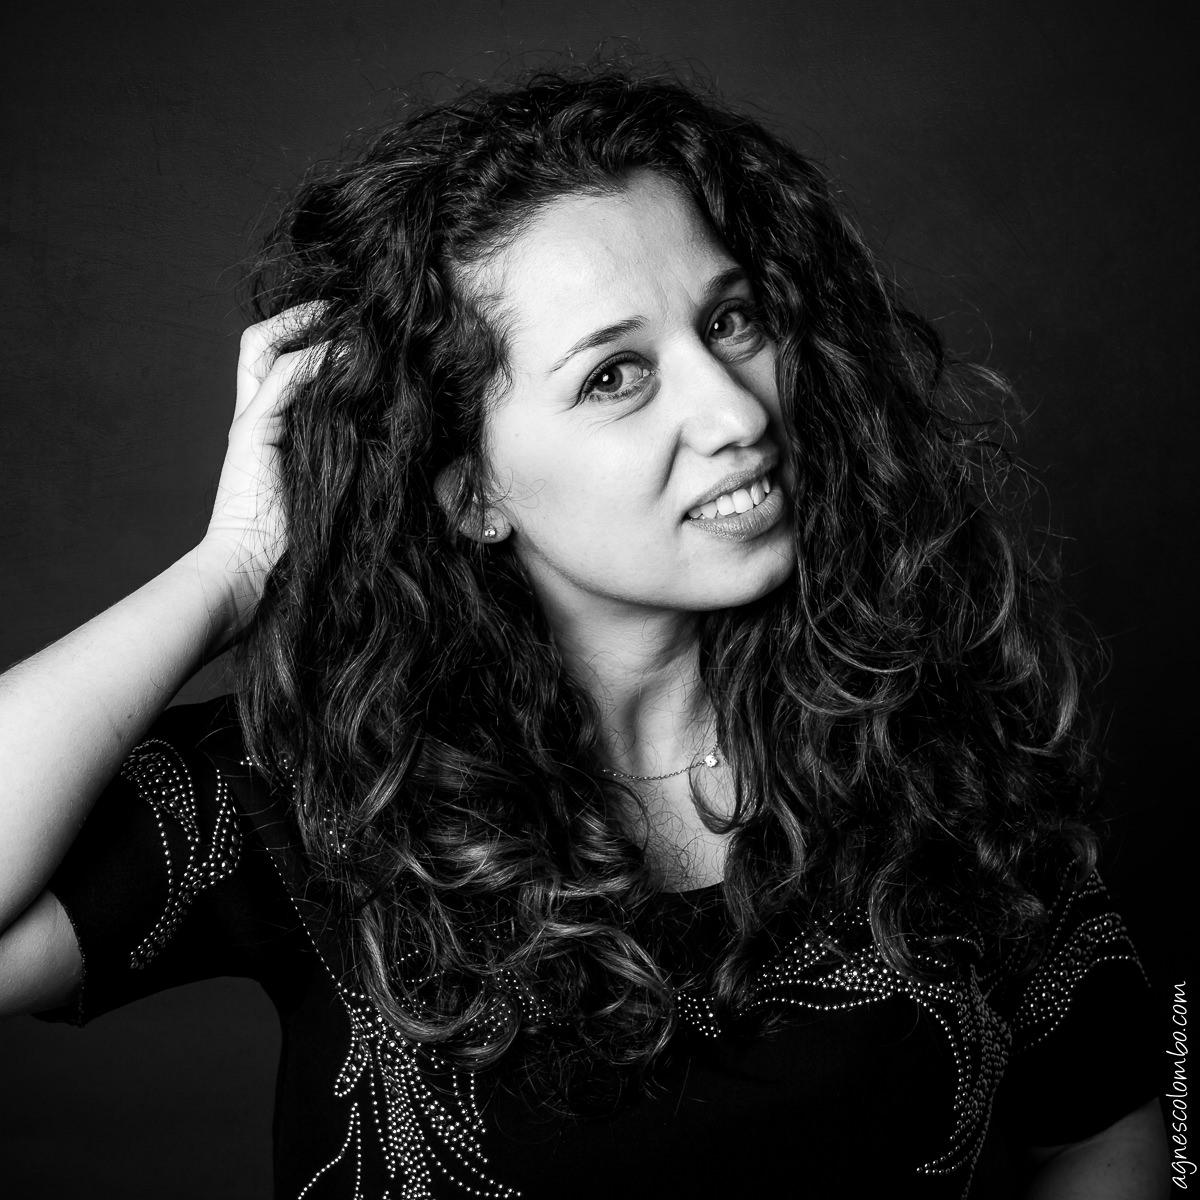 photographe-femme-paris-agnes-colombo-laure-8